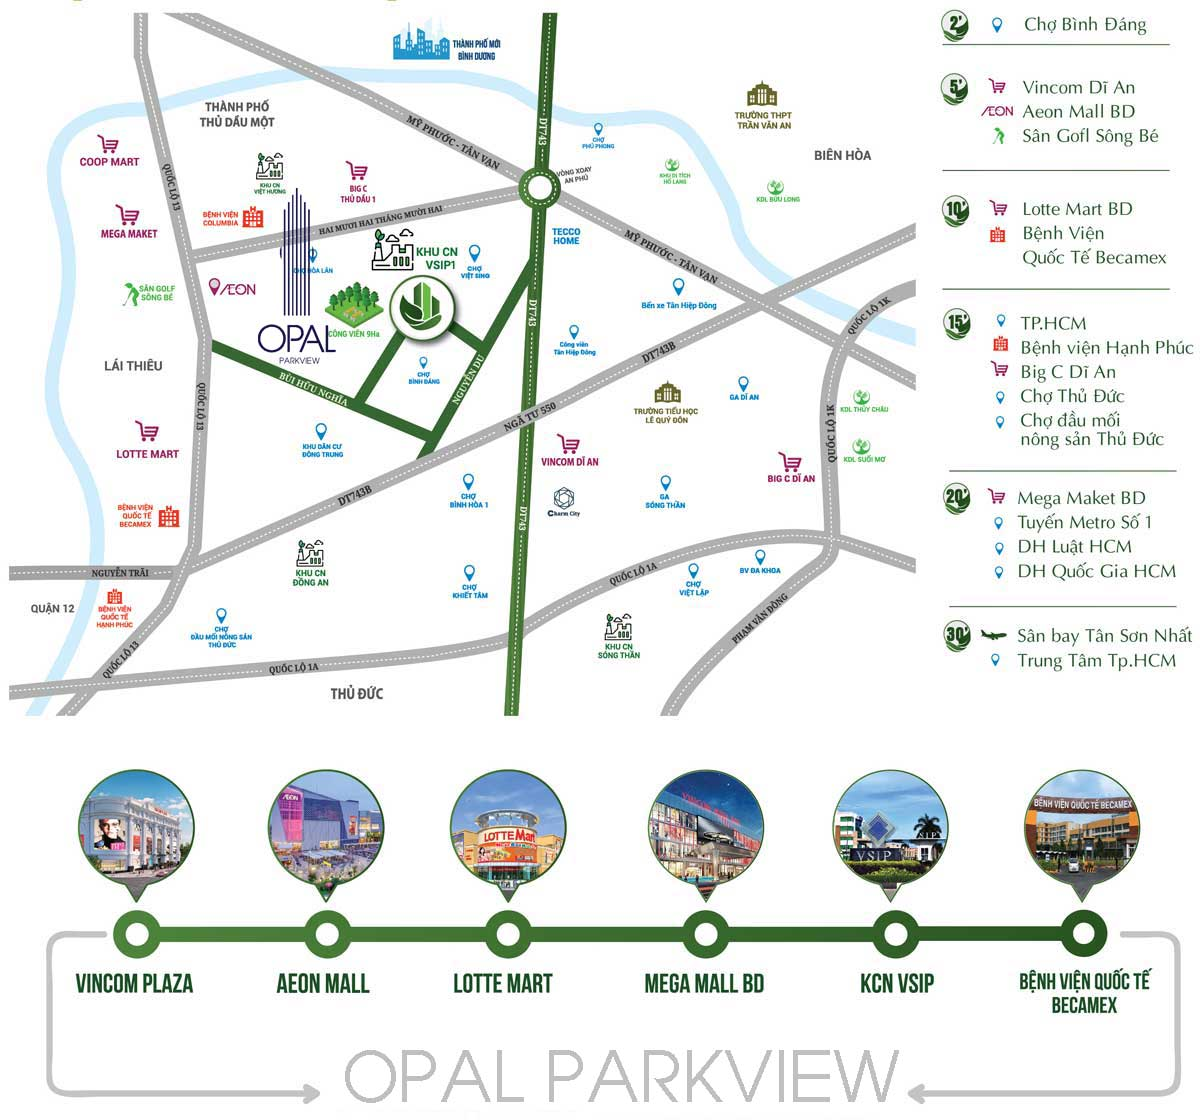 vi tri du an can ho opal parkview - Opal ParkView